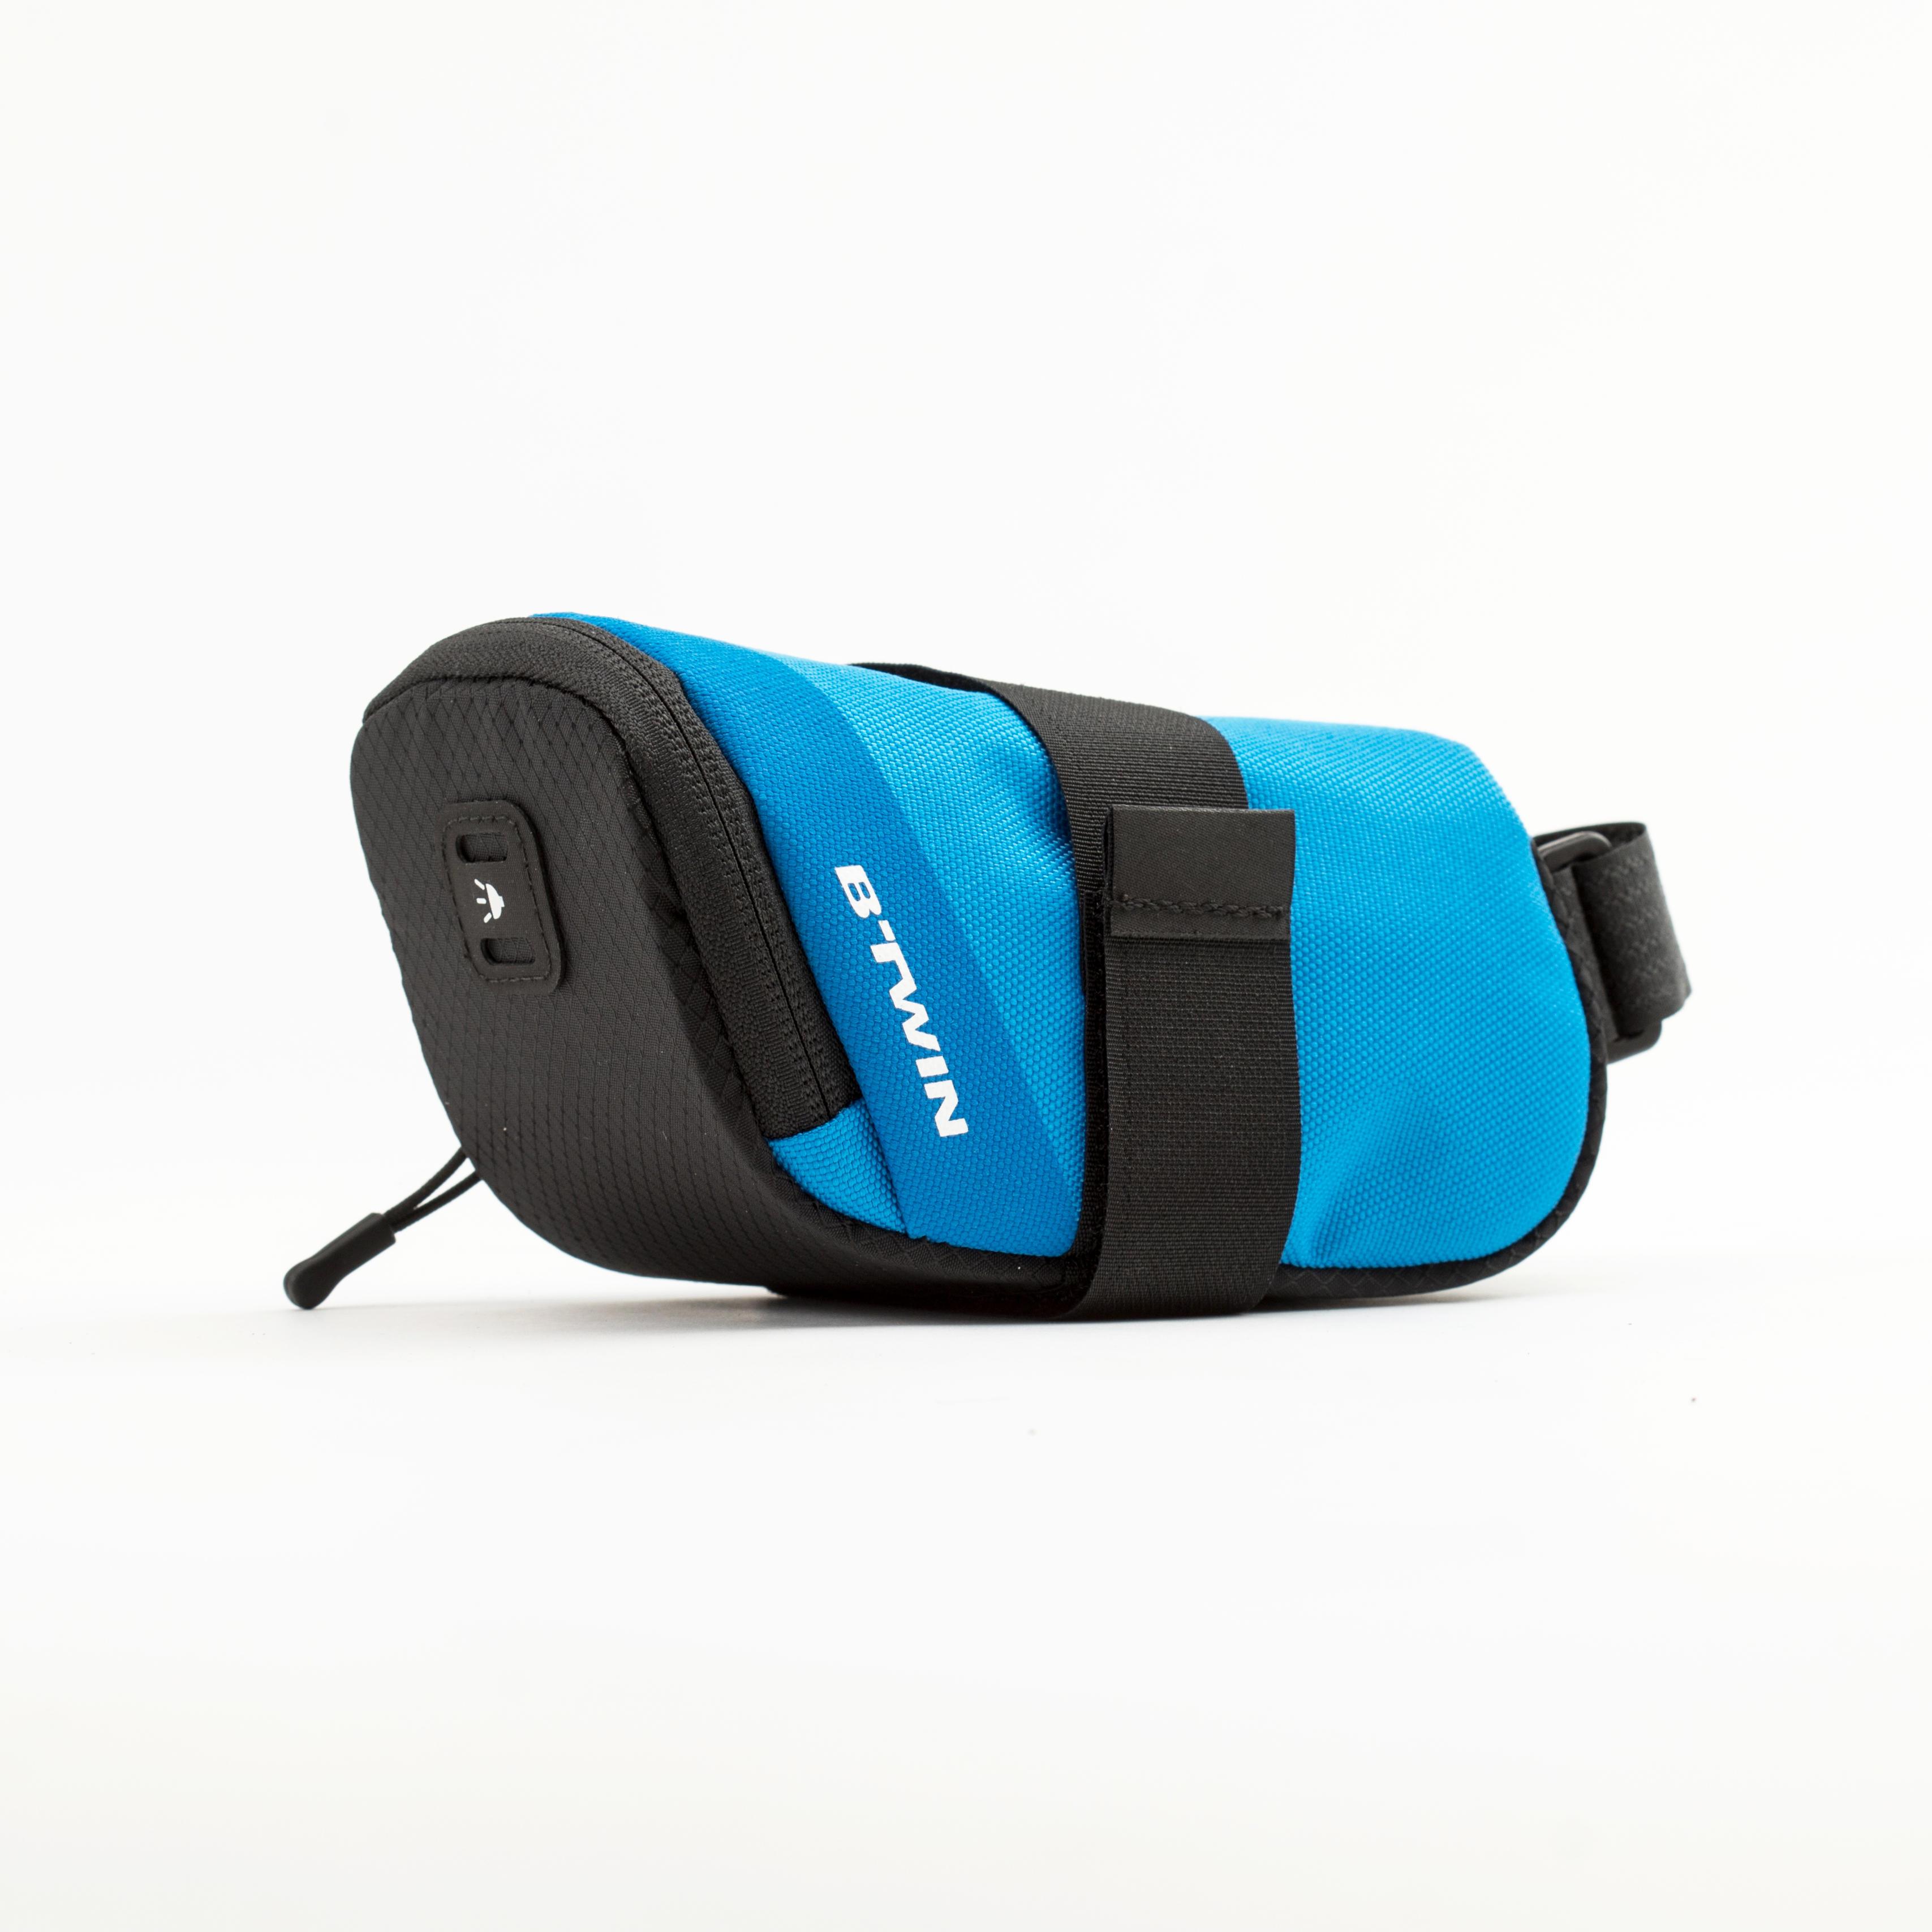 B'twin Zadeltasje 500 M 0,6 liter oceaanblauw kopen? Leest dit eerst: Fietsaccessoires Fietsmanden en fietstassen/Fietstassen met korting